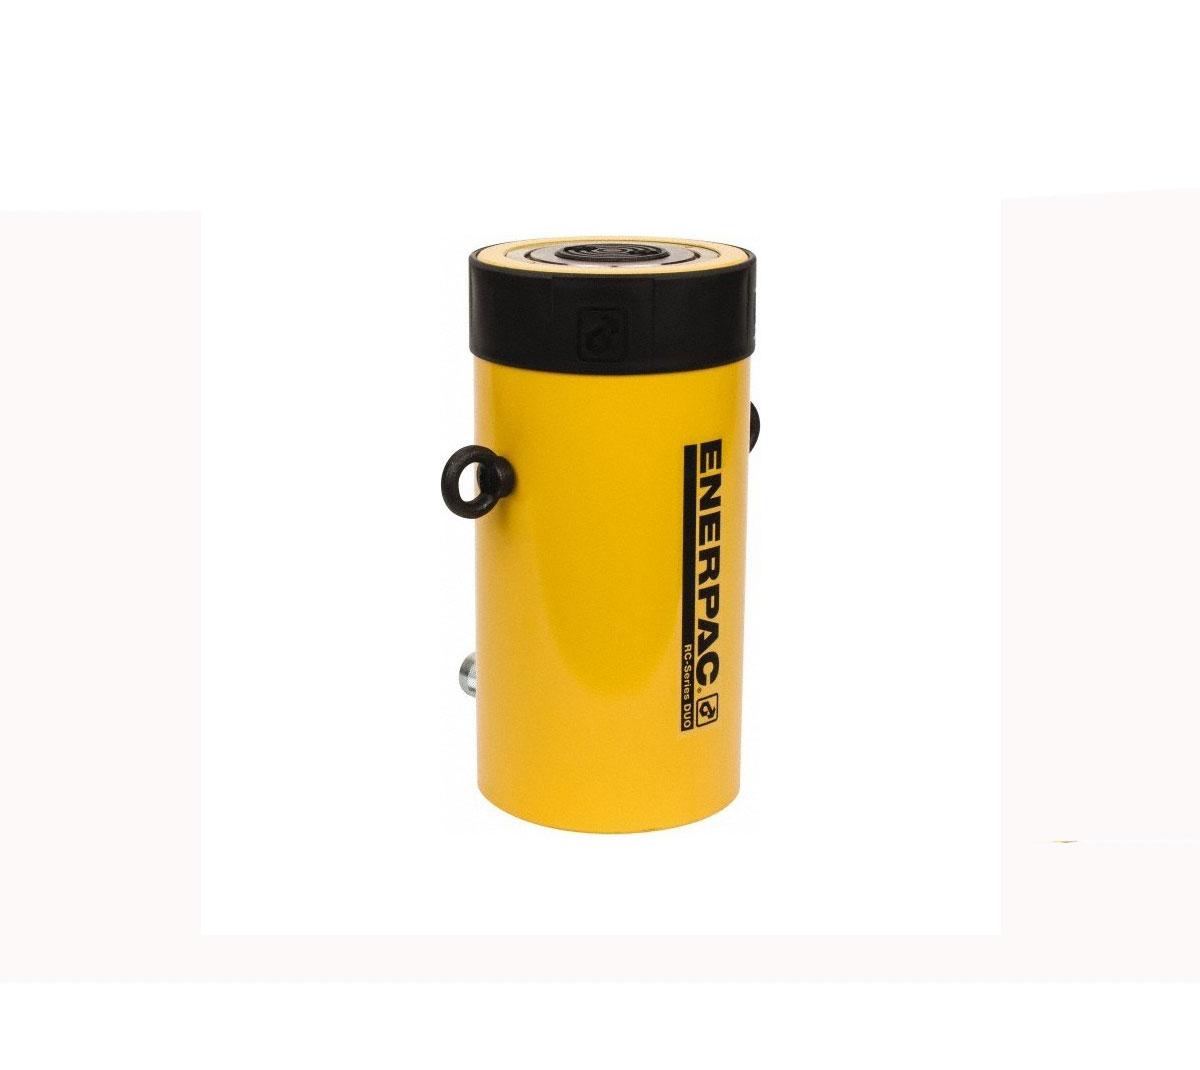 enerpac-rc1006-hydraulic-cylinder-rental